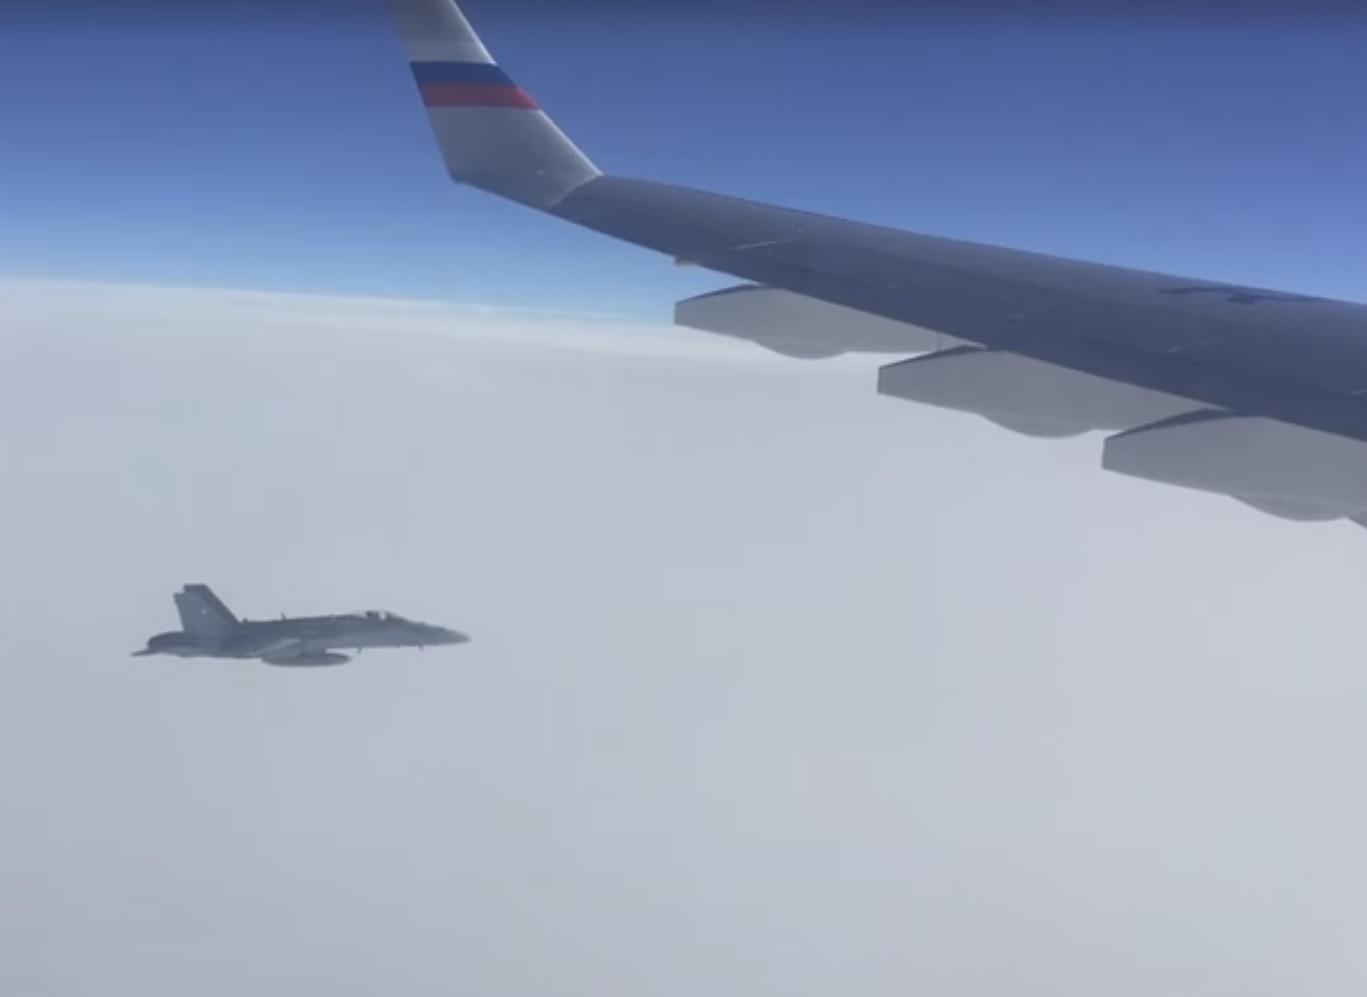 F-18 svizzeri intercettano un aereo governativo russo